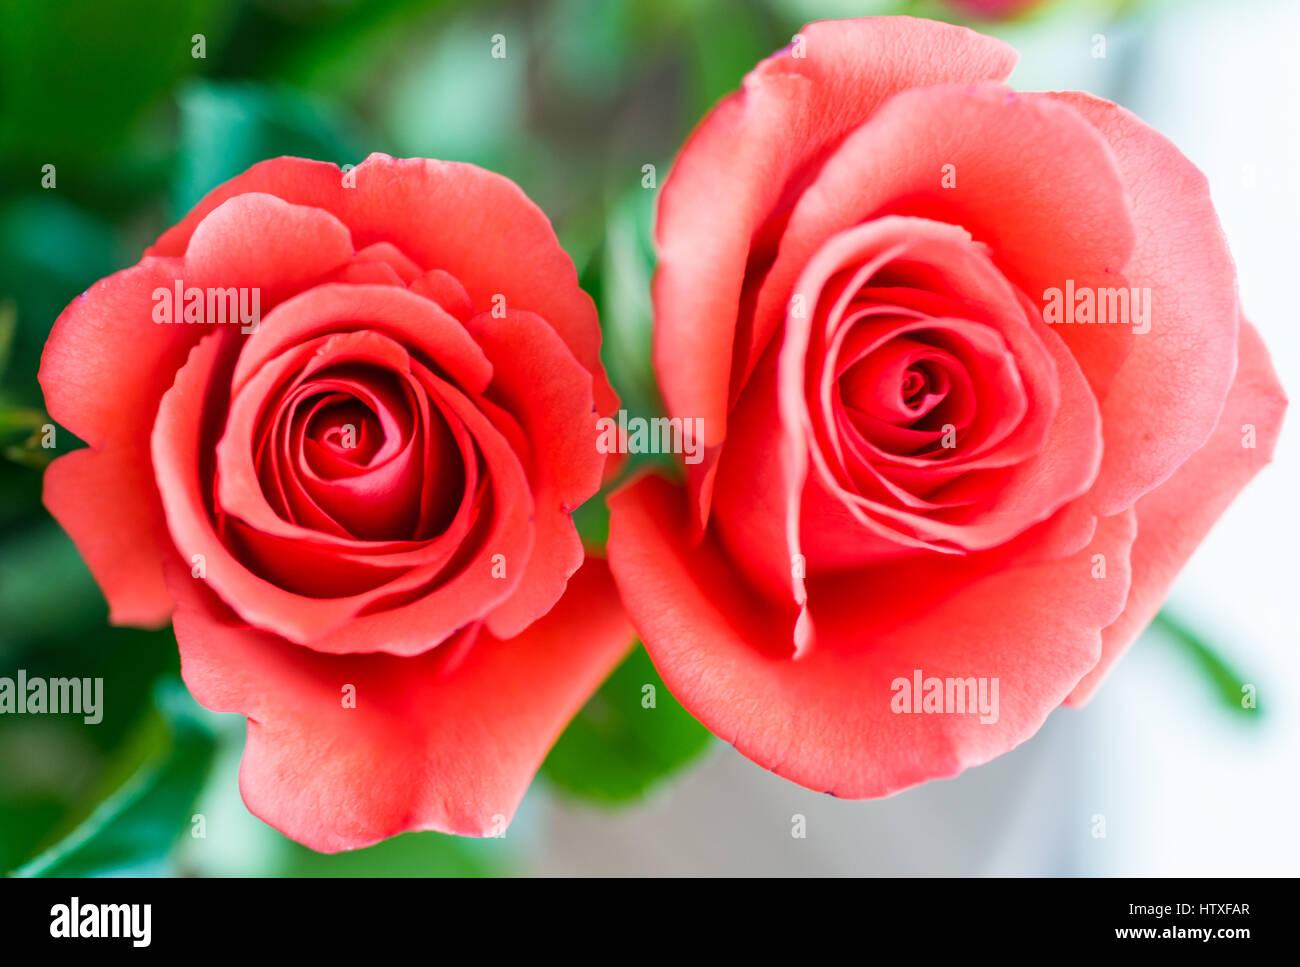 Gros plan macro de sommets des deux roses rouge orange Photo Stock